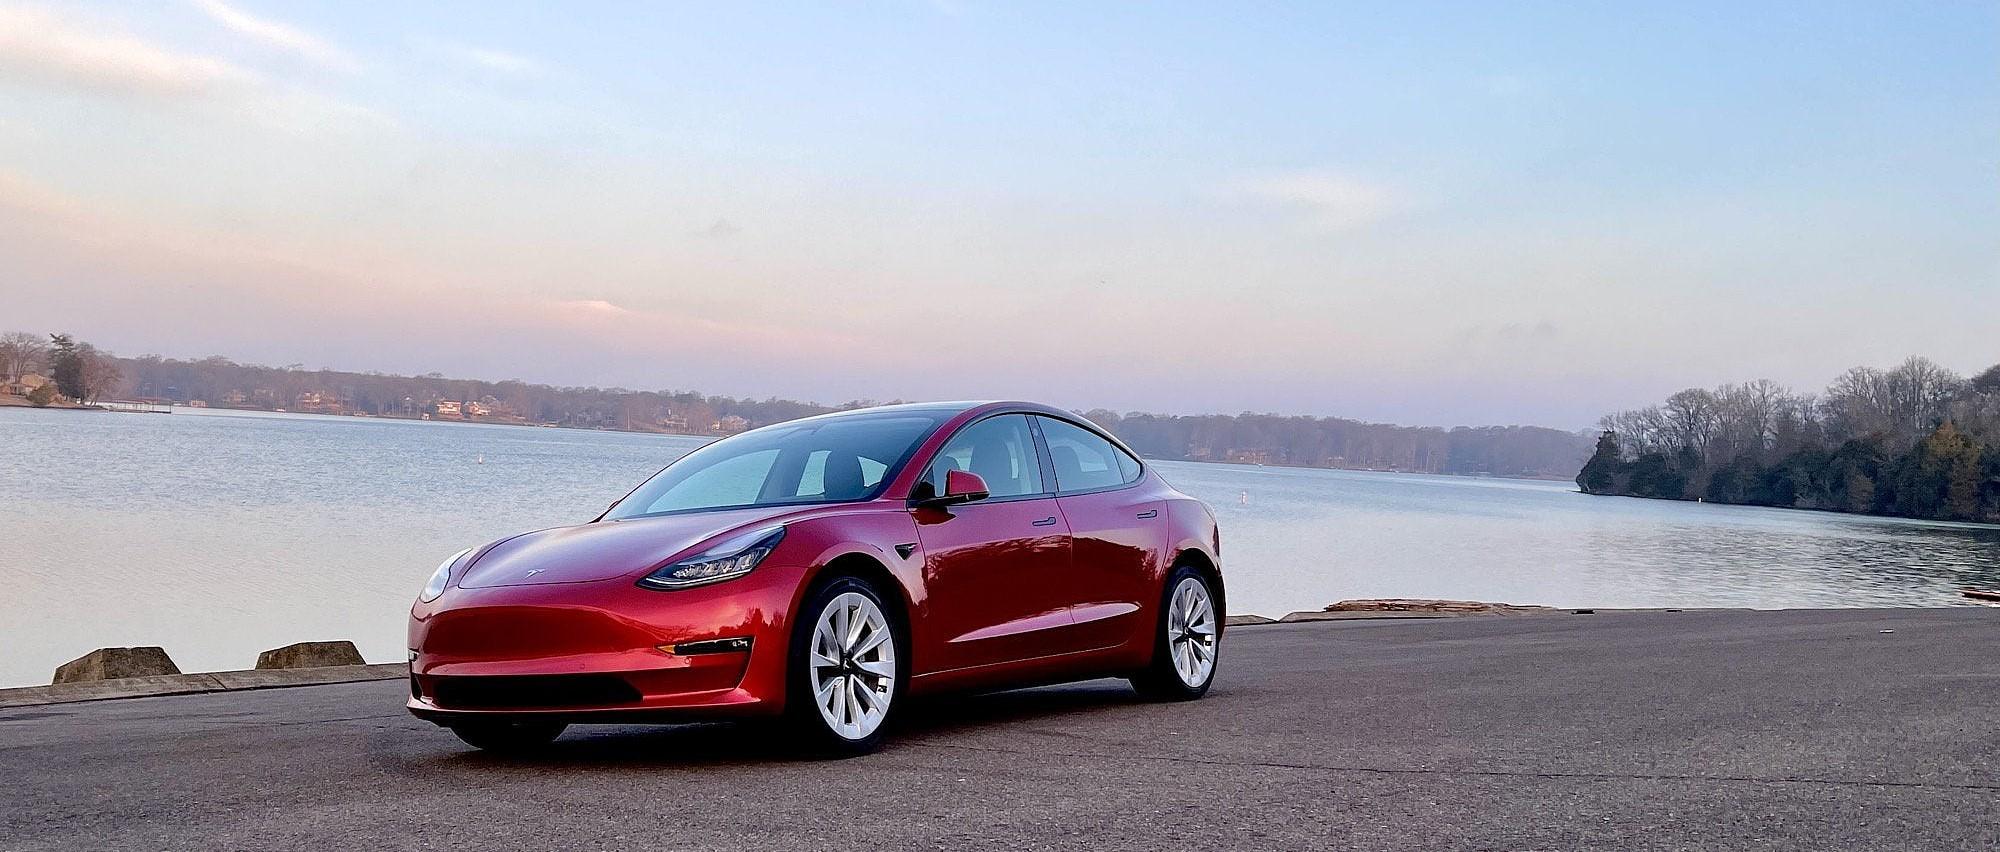 Tesla будет доминировать в 2021 году, но будут определены другие победители и проигравшие в электромобилях